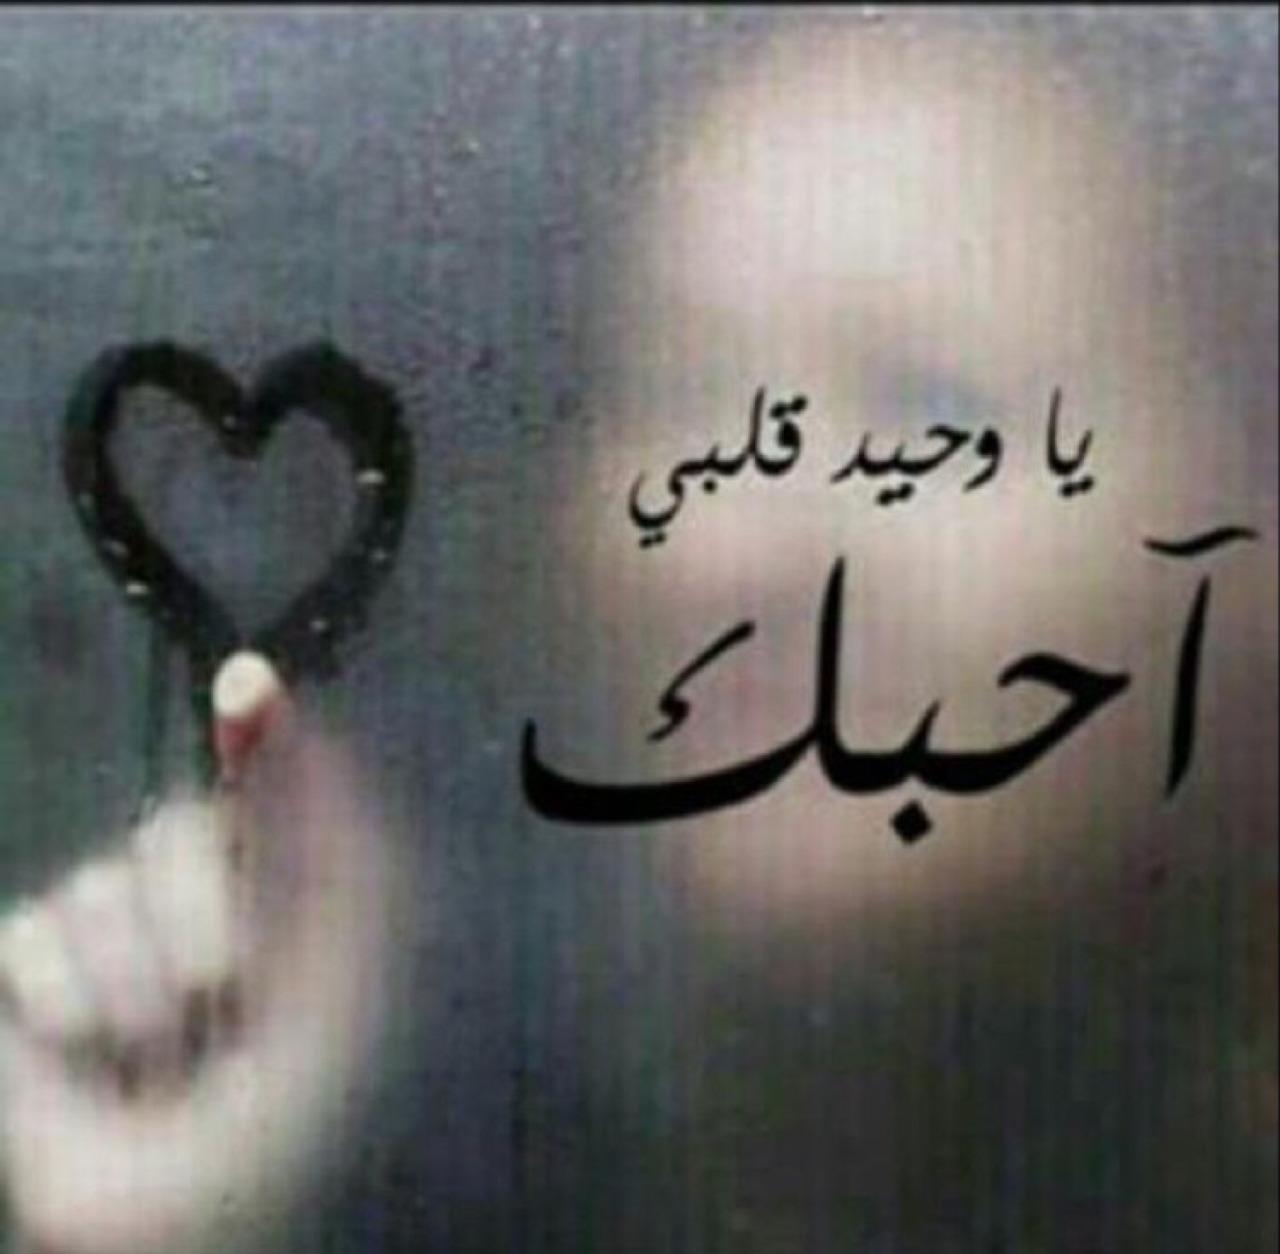 صورة انا احبك كلمات , بموت فيك يا حبيبي